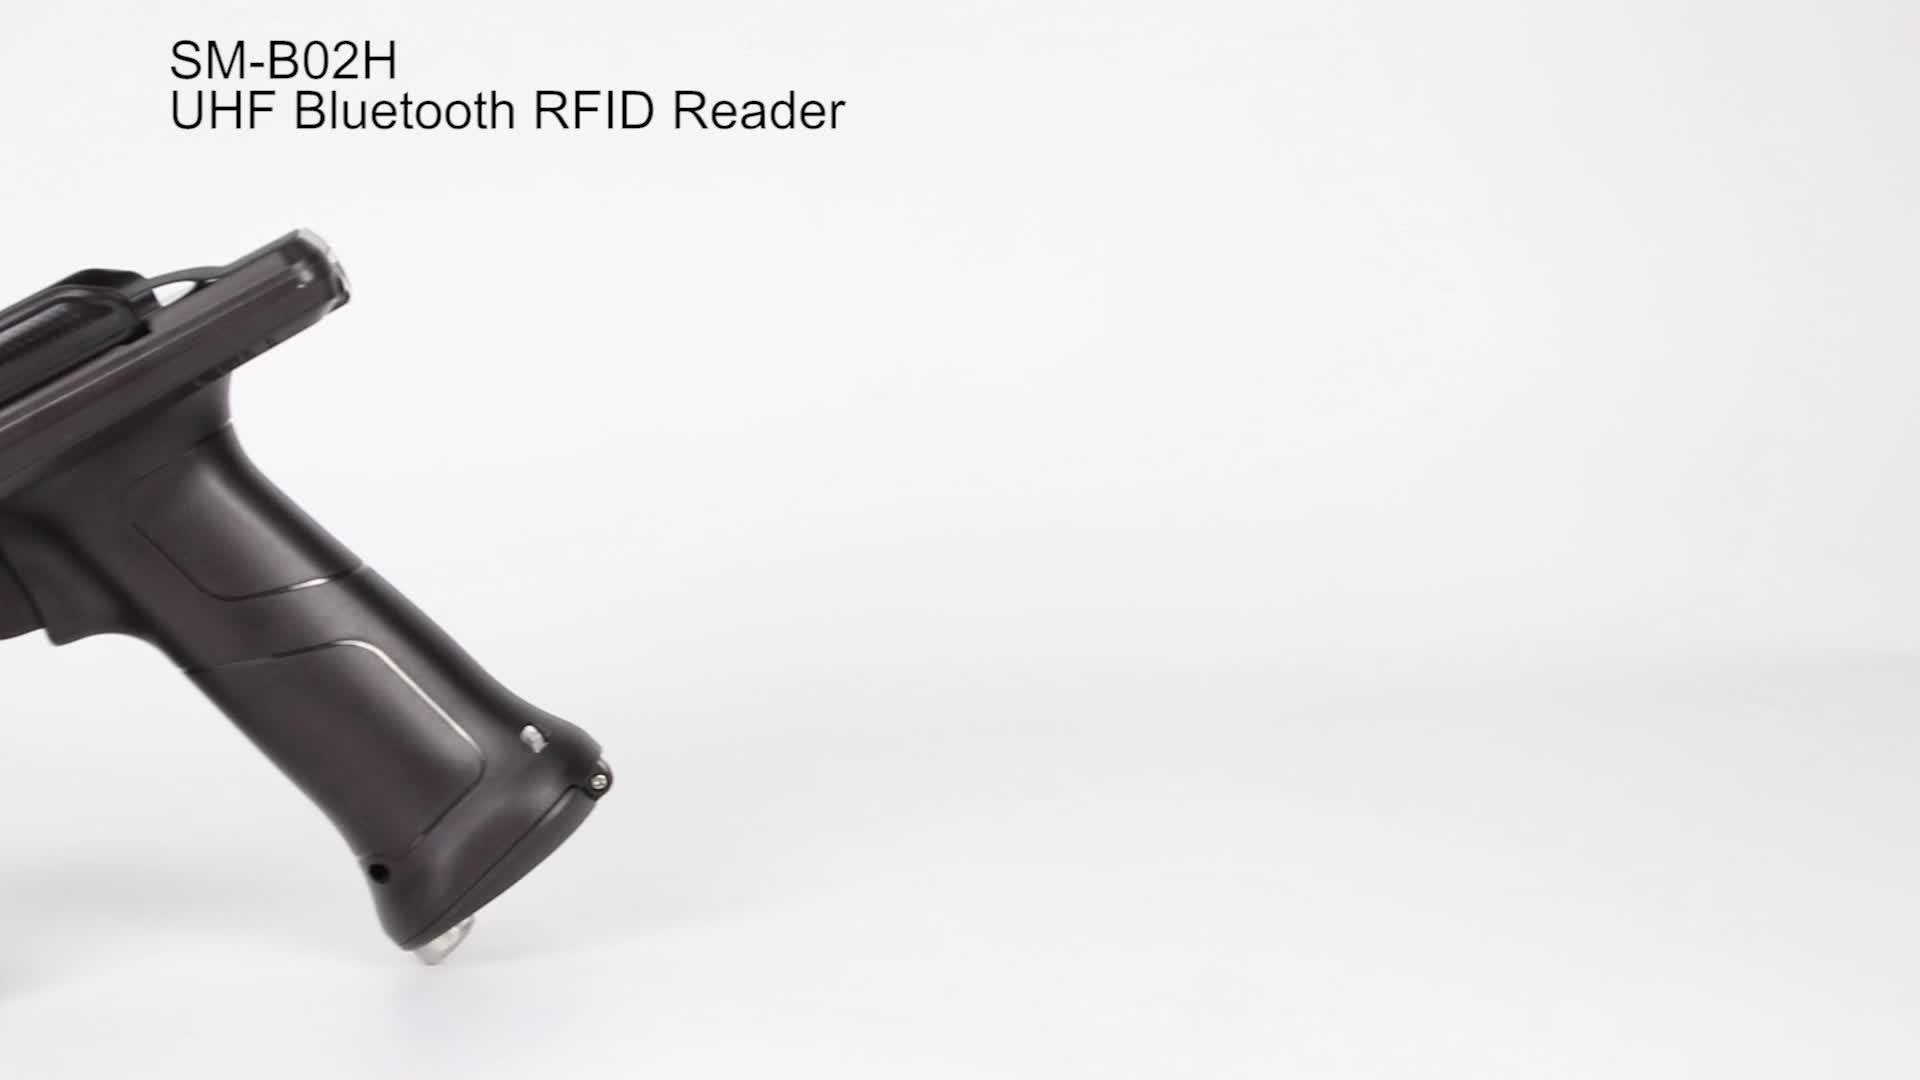 Giá rẻ Không Dây Cầm Tay 15 m Dài Khoảng Cách UHF Rfid Reader Cho Kho Siêu Thị